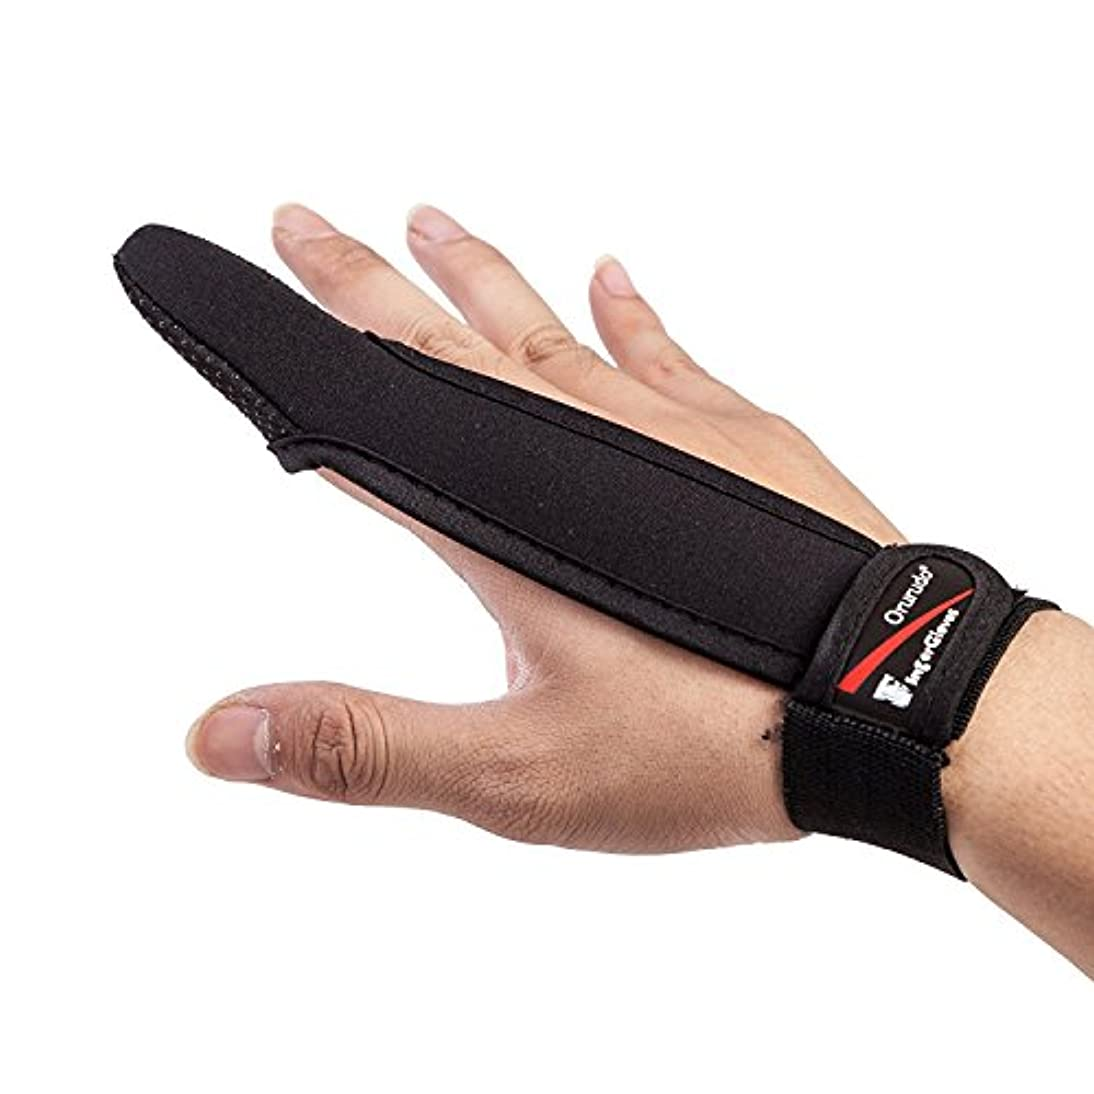 近々グラス芝生【オルルド釣具】フィンガープロテクター < 全力キャスト時に指をガード/ラインを掴む感覚を損なわずスムーズなキャスティングが可能/投げ釣り?キャスティングに最適> 1本指 指サック 手袋 qb500075